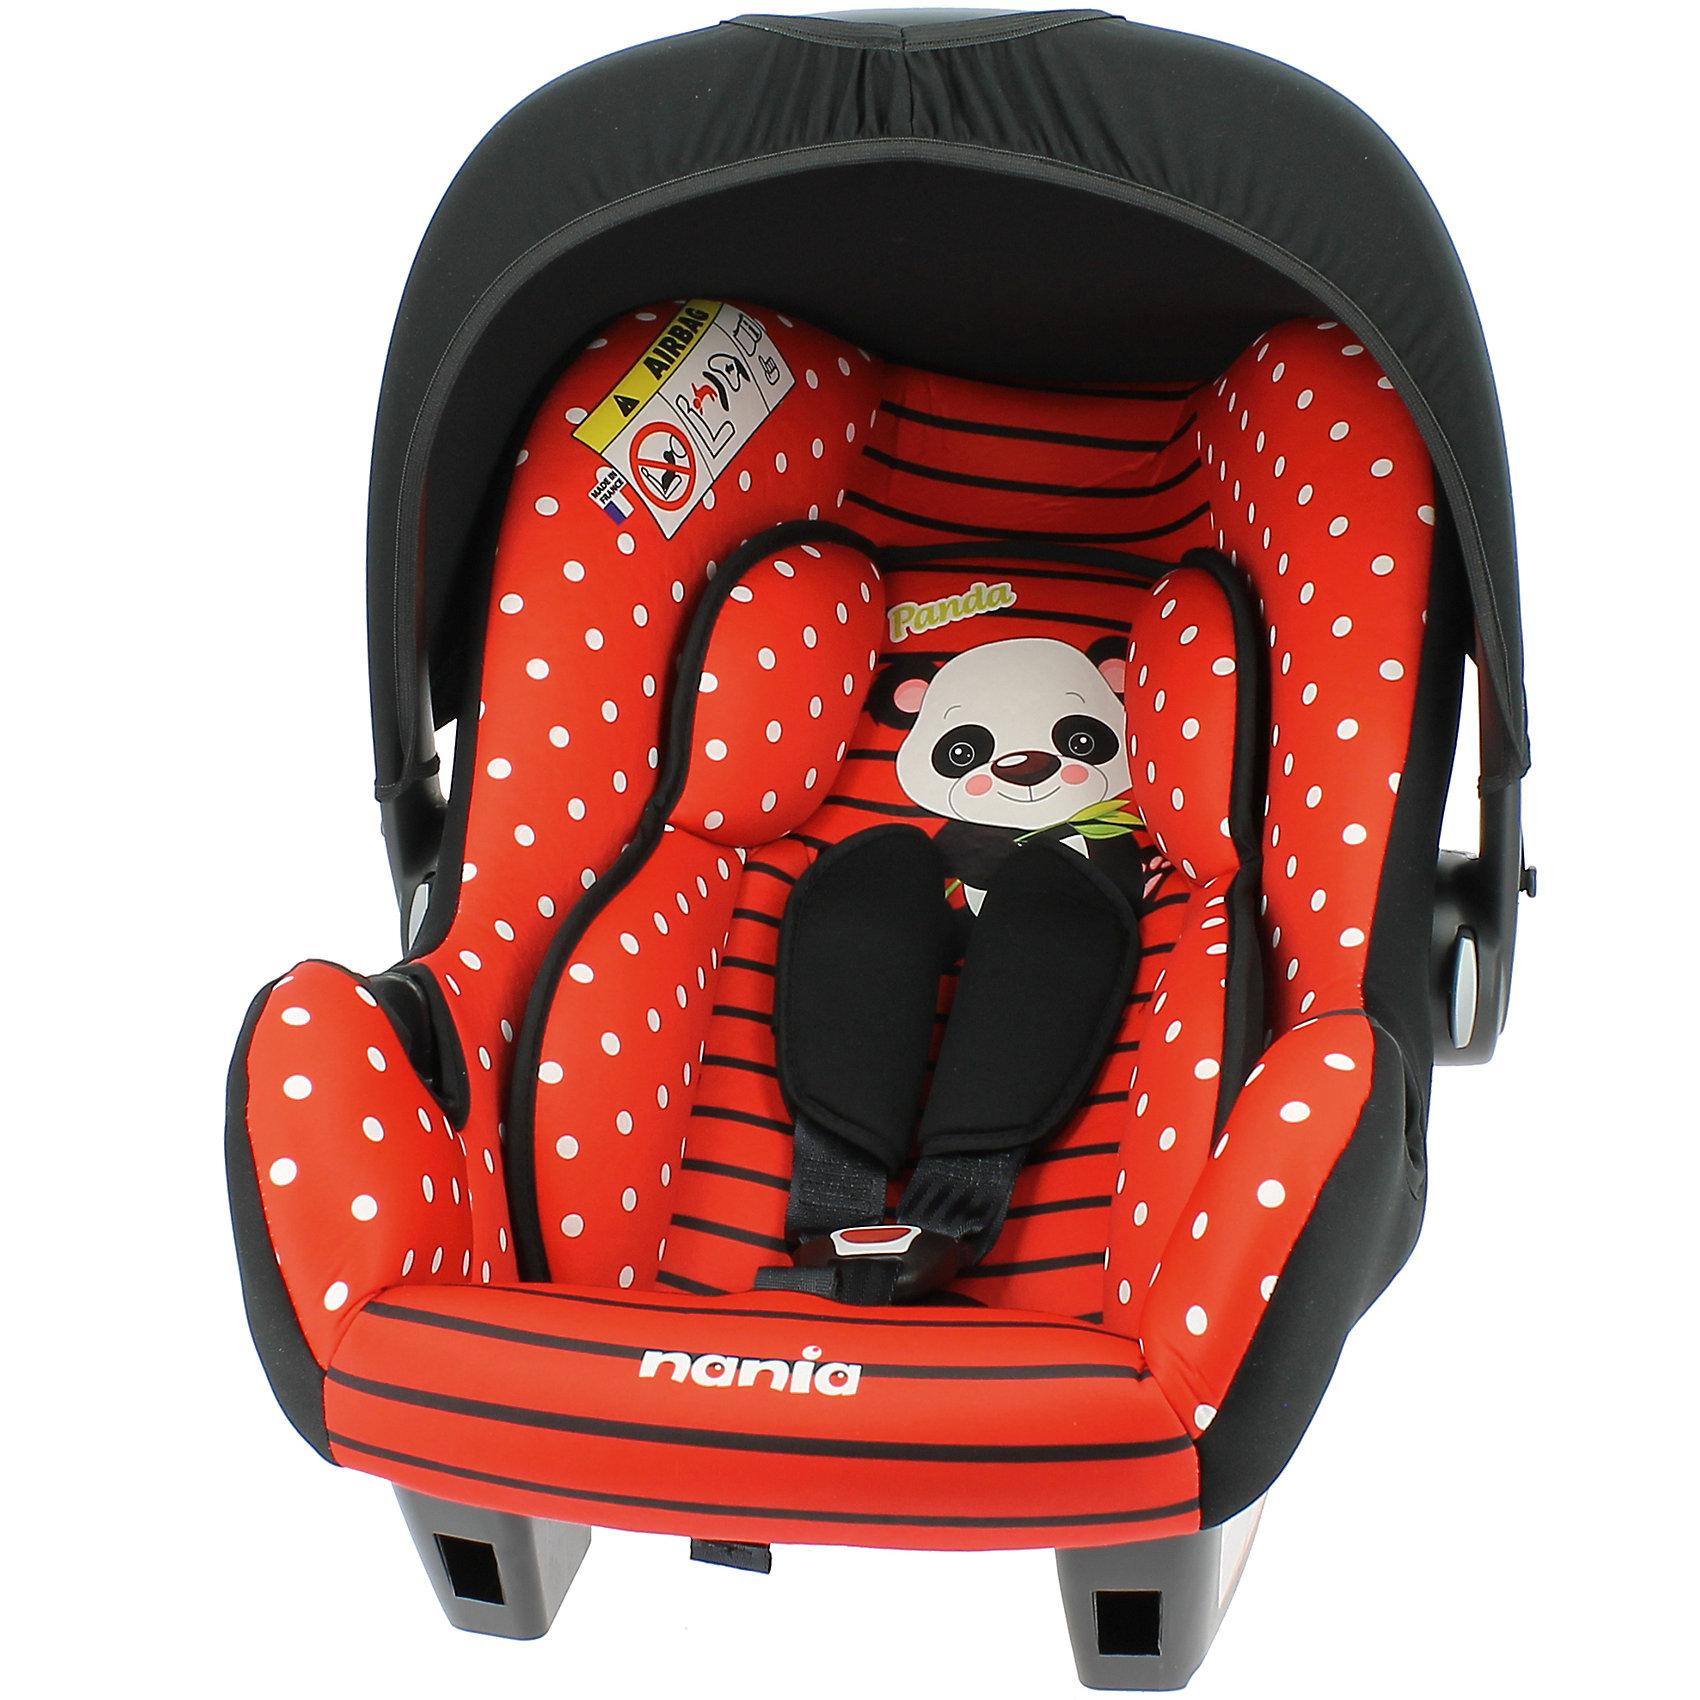 Автокресло Nania Beone SP, 0-13кг, panda redГруппа 0+ (До 13 кг)<br>Характеристики:<br><br>• группа: 0+;<br>• вес ребенка: до 13 кг;<br>• возраст ребенка: от рождения до 15 месяцев;<br>• способ установки: против хода движения;<br>• способ крепления: штатный ремень безопасности автомобиля;<br>• глубокая кресельная чаша;<br>• 3-х точечные ремни безопасности регулируются по длине и высоте;<br>• анатомический вкладыш для новорожденных;<br>• защитный капор от солнечных лучей;<br>• капор можно снять полностью;<br>• ручка для переноски автолюльки;<br>• функция качалки: автокресло раскачивается на ровной поверхности;<br>• материал: пластик, полиэстер;<br>• размеры автокресла: 70х47х40 см;<br>• размер сиденья: 32х30 см;<br>• вес автокресла: 2,9 кг;<br>• стандарт безопасности: ECE R44/04.<br><br>Автокресло Beone SP, 0-13 кг, Nania, panda red можно купить в нашем интернет-магазине.<br><br>Ширина мм: 390<br>Глубина мм: 720<br>Высота мм: 400<br>Вес г: 2970<br>Возраст от месяцев: 0<br>Возраст до месяцев: 8<br>Пол: Унисекс<br>Возраст: Детский<br>SKU: 5569334